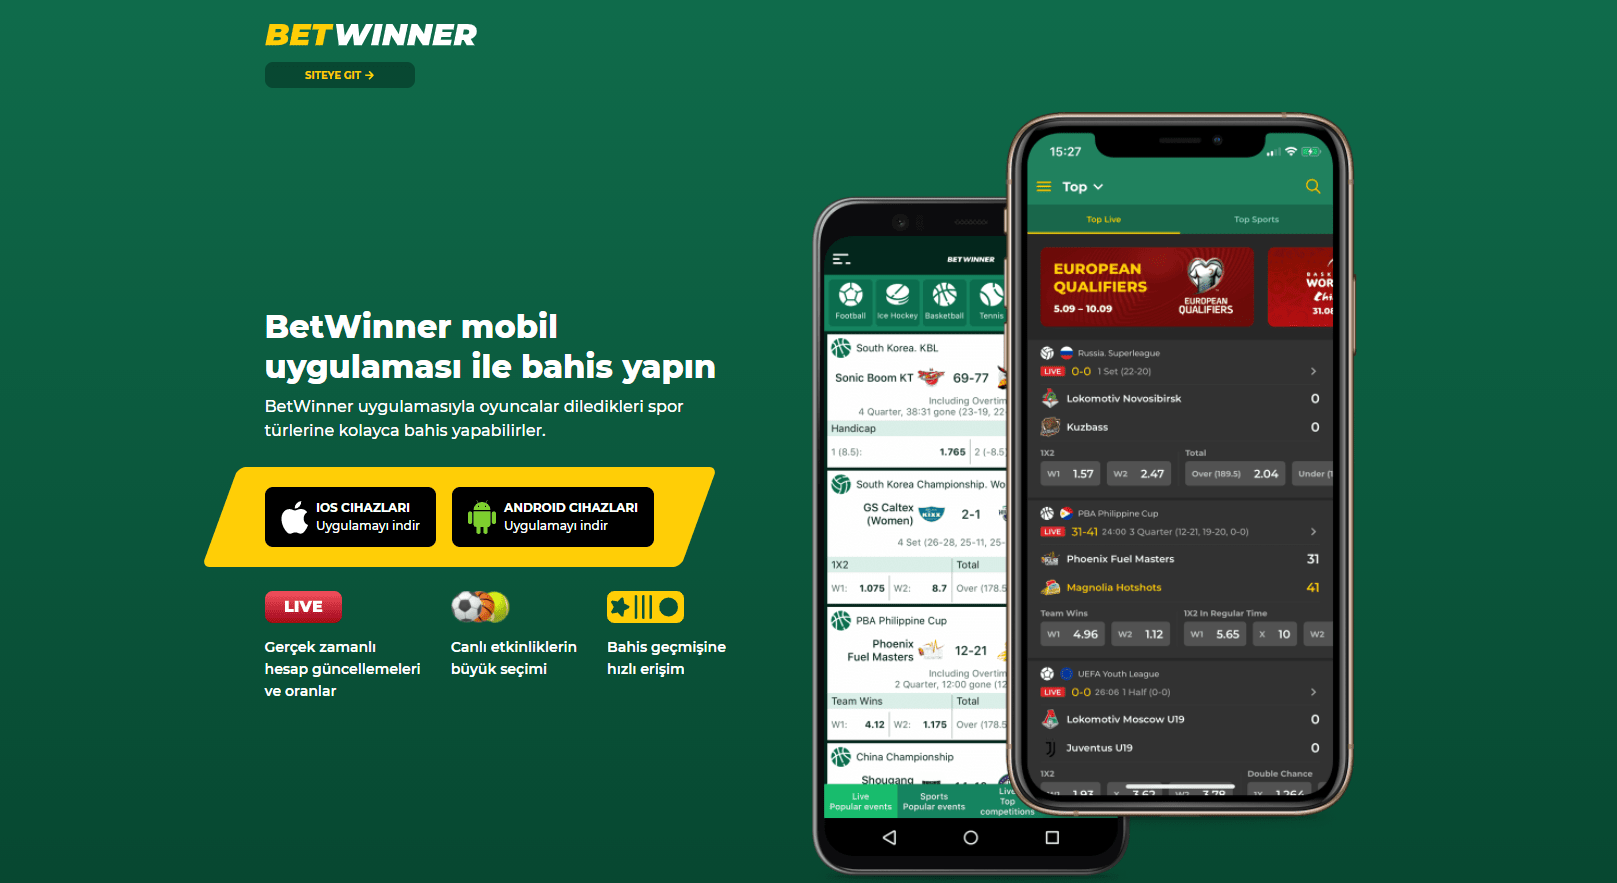 BetWinner Mobil Uygulaması